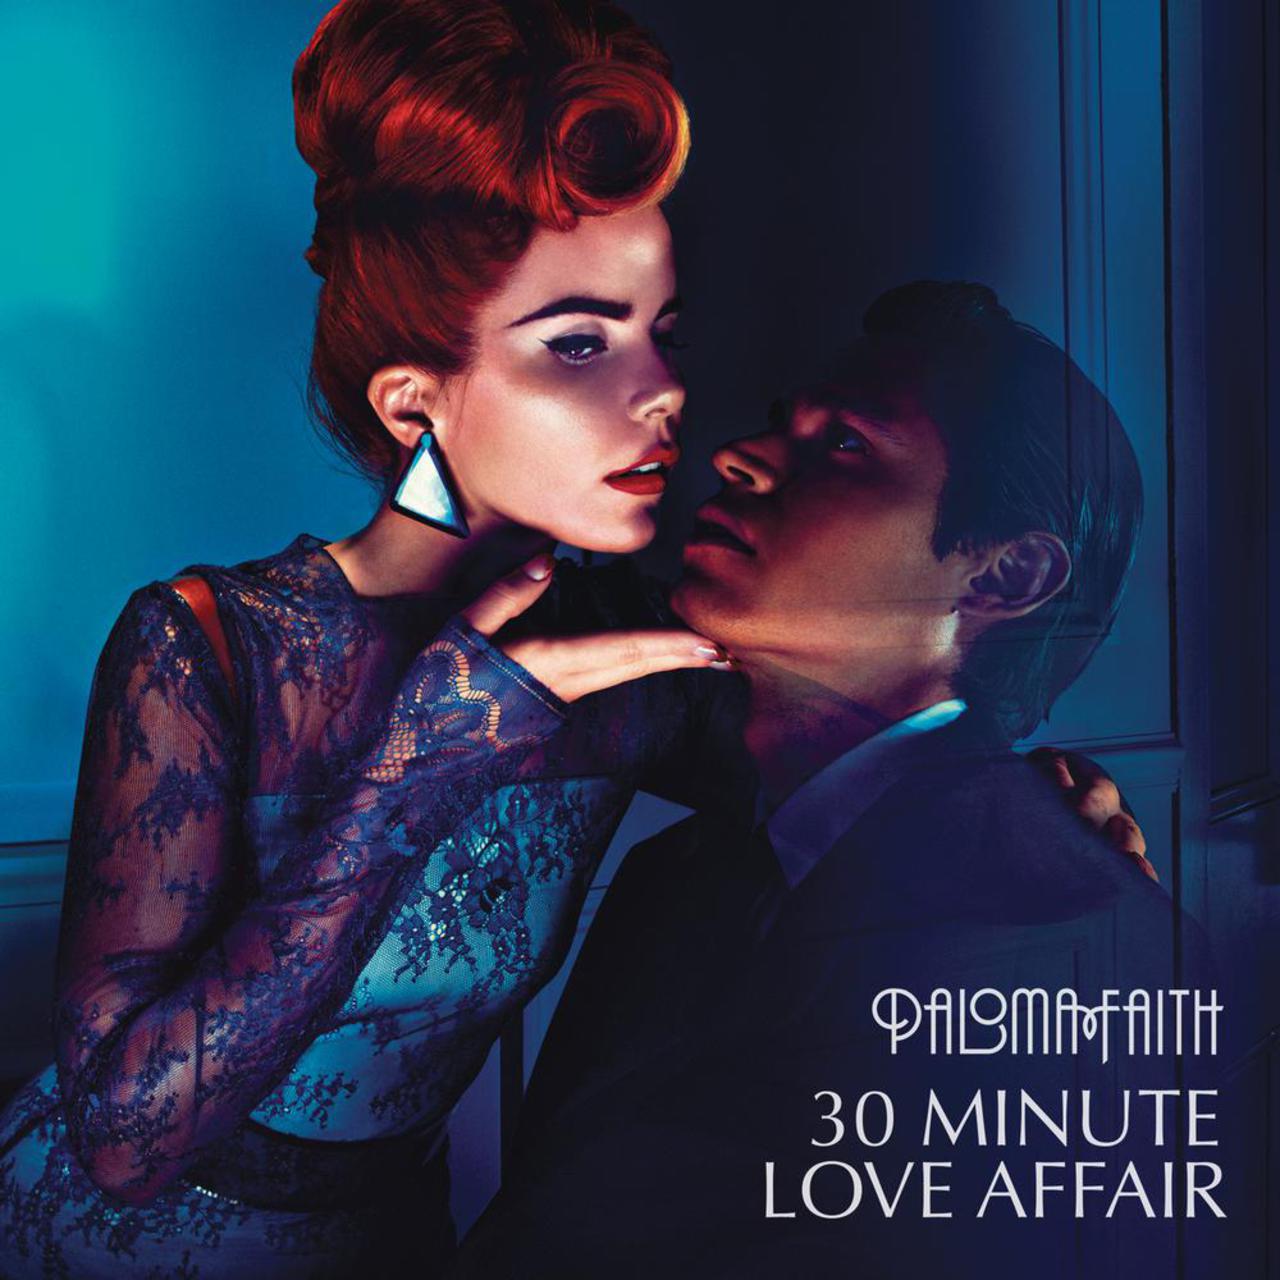 Paloma-Faith-30-Minute-Love-Affair-2012-1280x1280.png